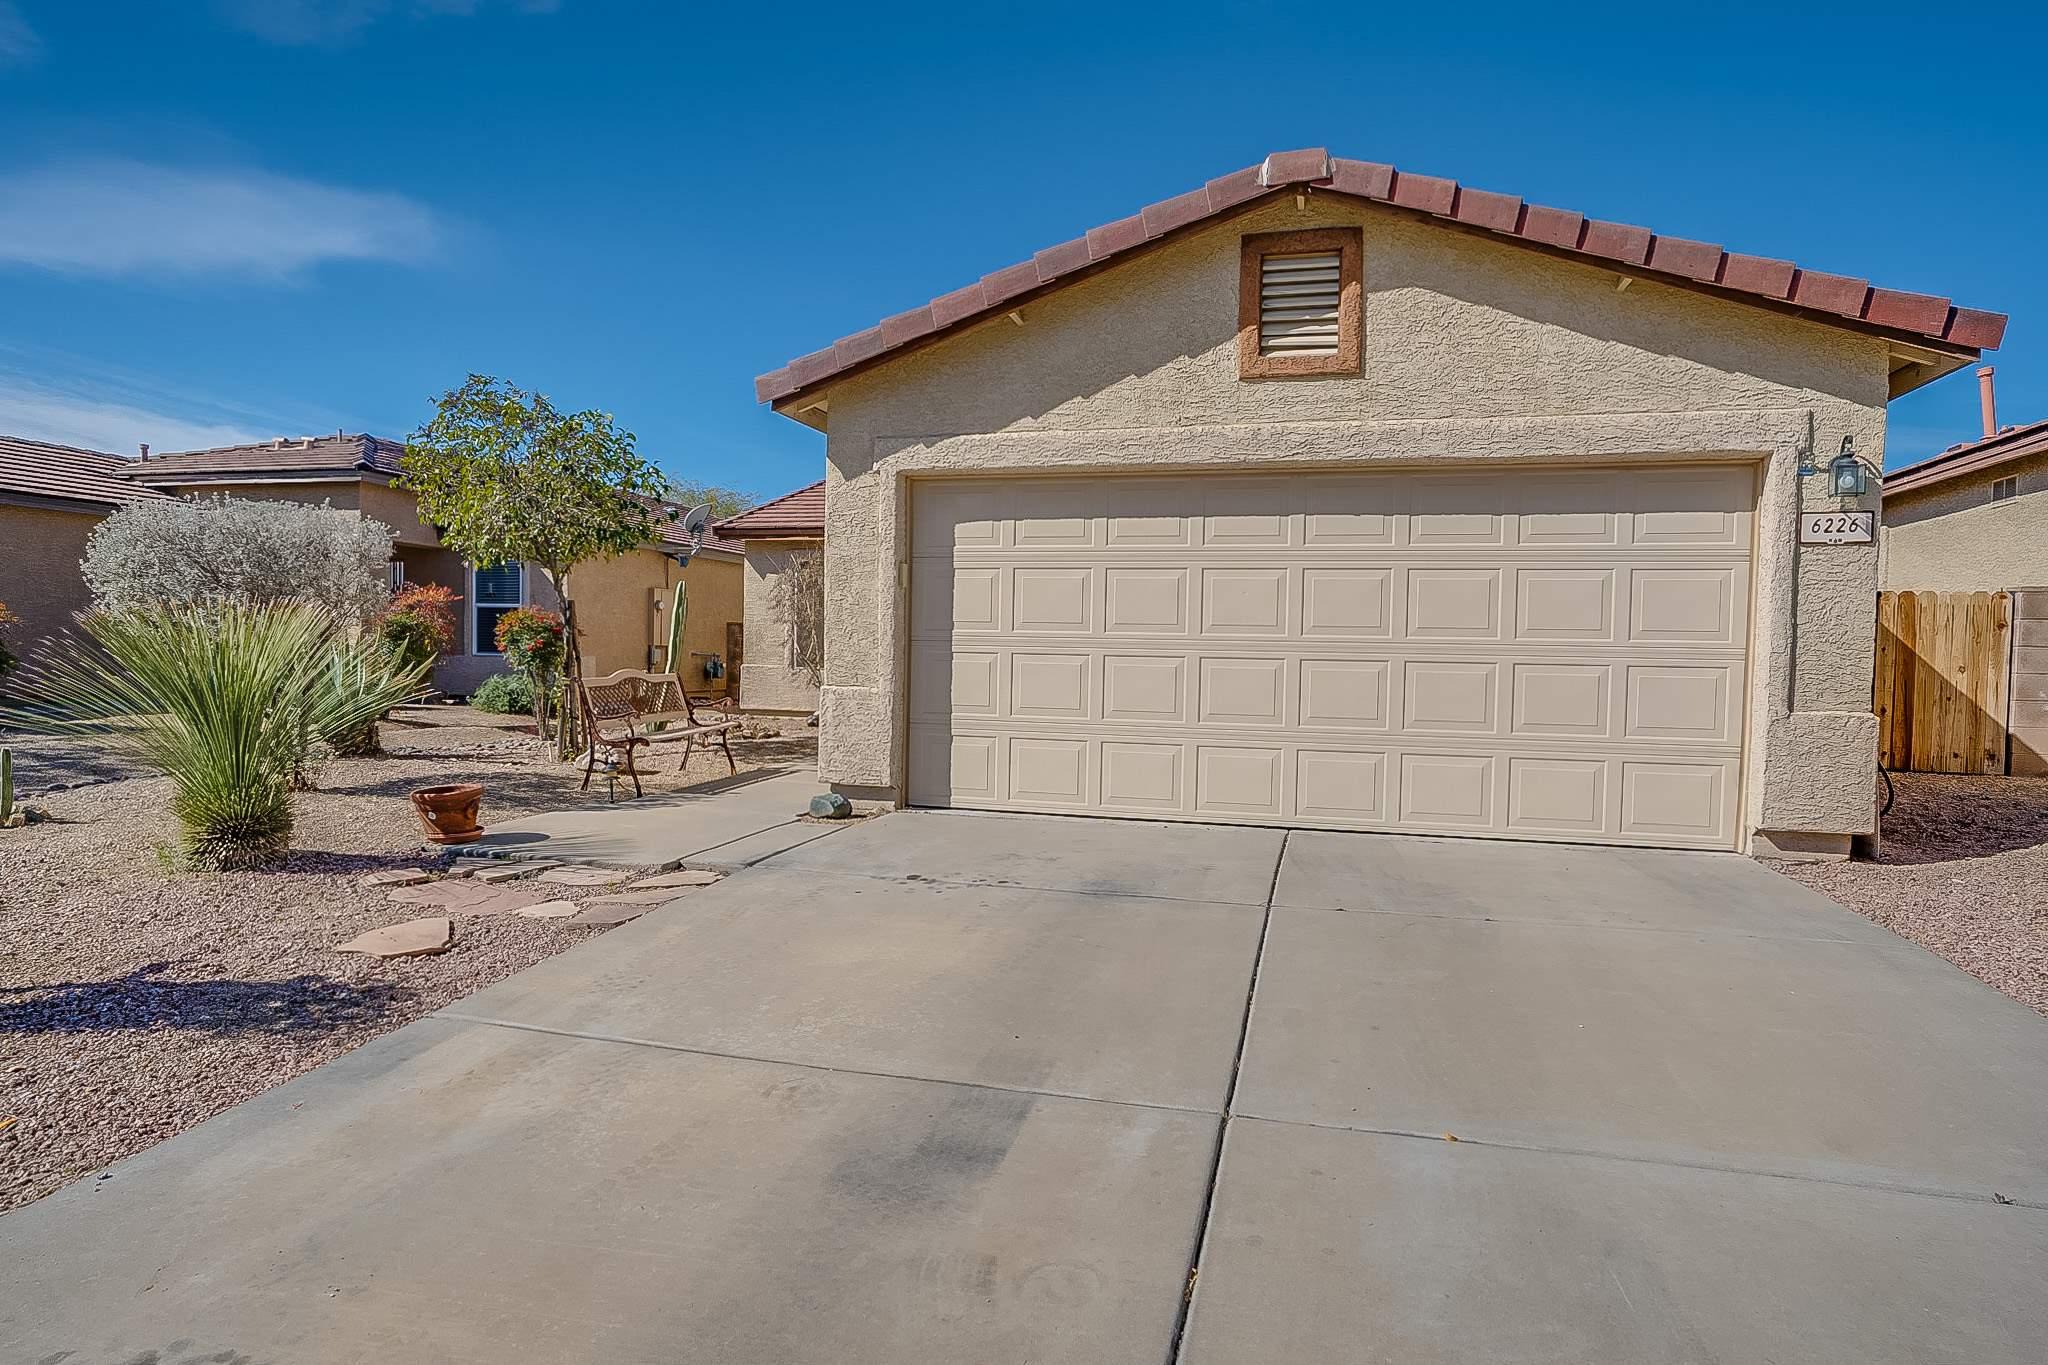 6226 S Wheaton Dr, Tucson, AZ 85747